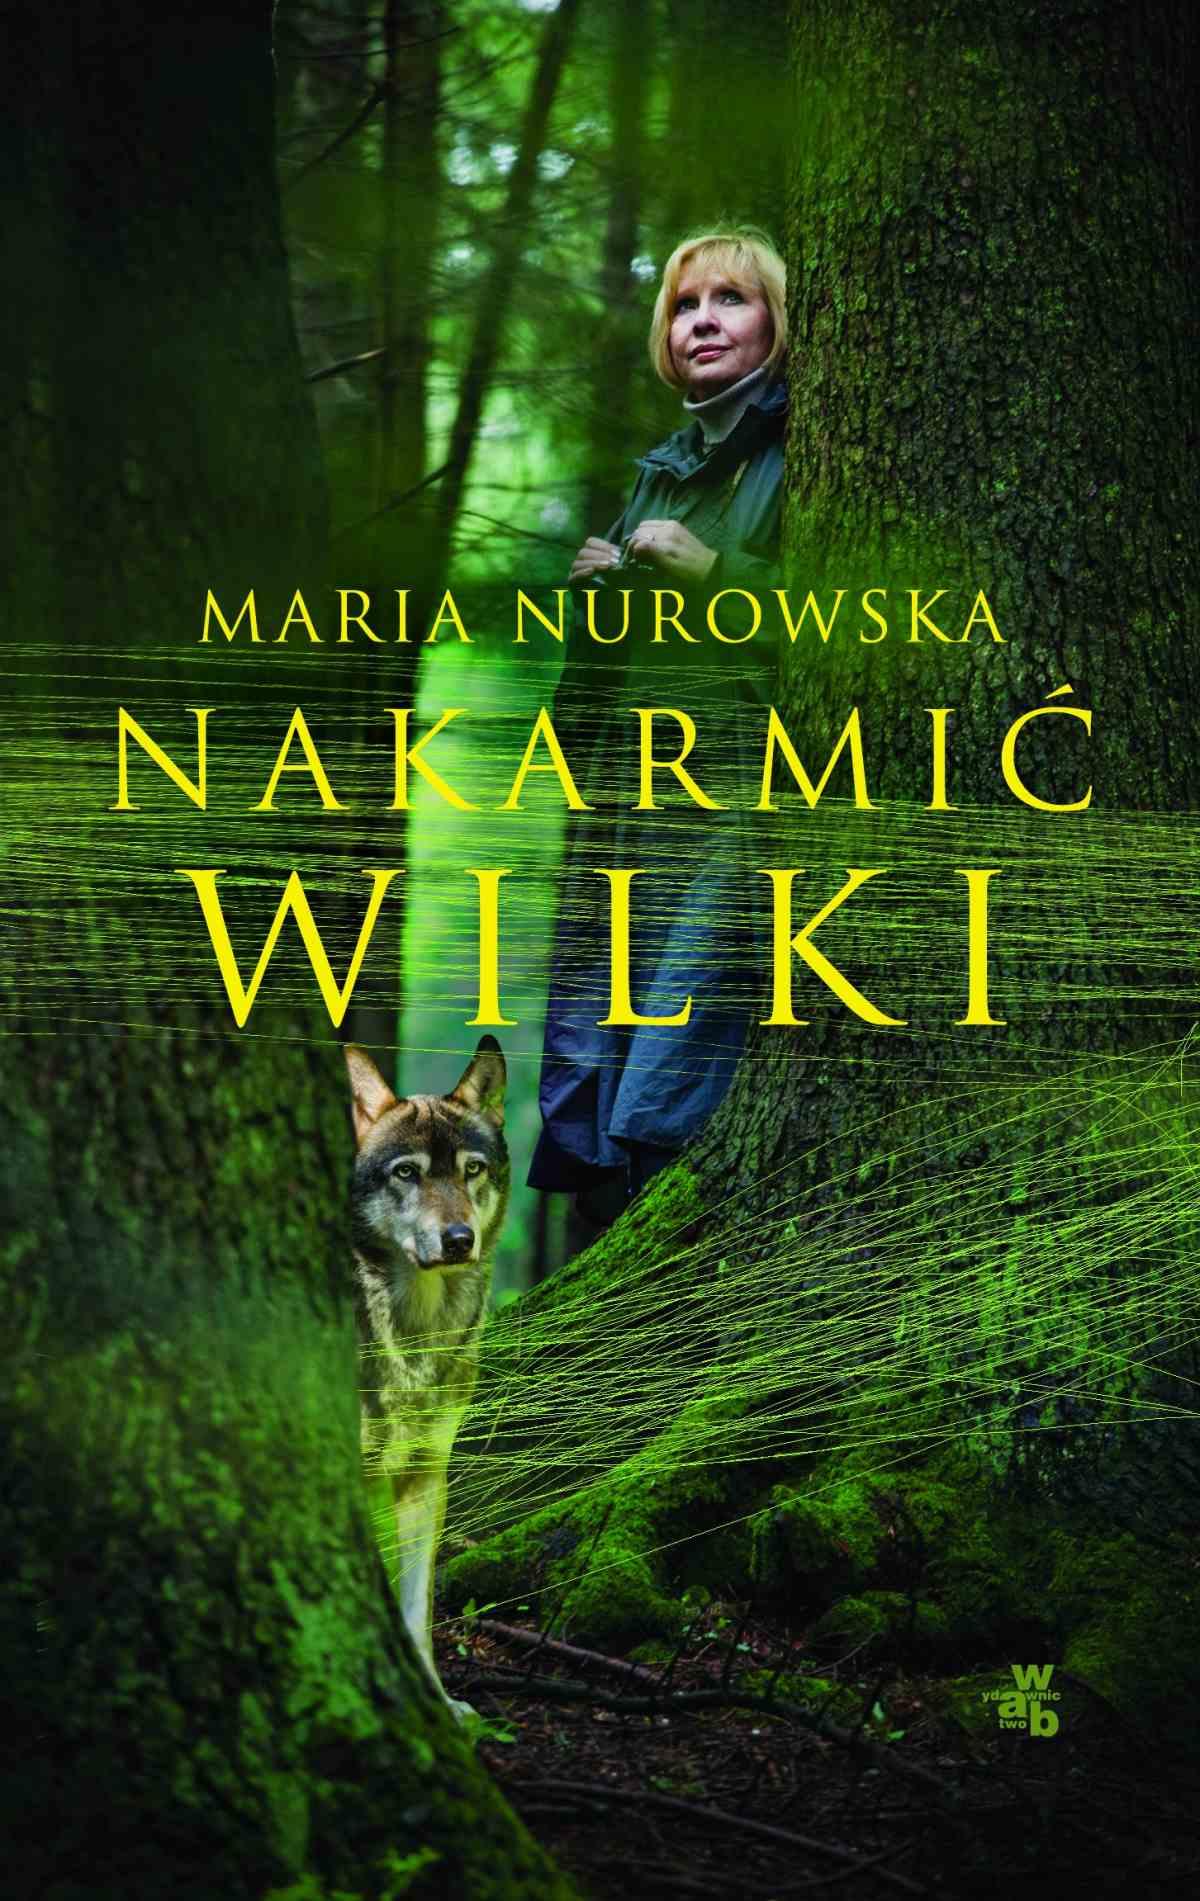 Nakarmić wilki - Ebook (Książka EPUB) do pobrania w formacie EPUB